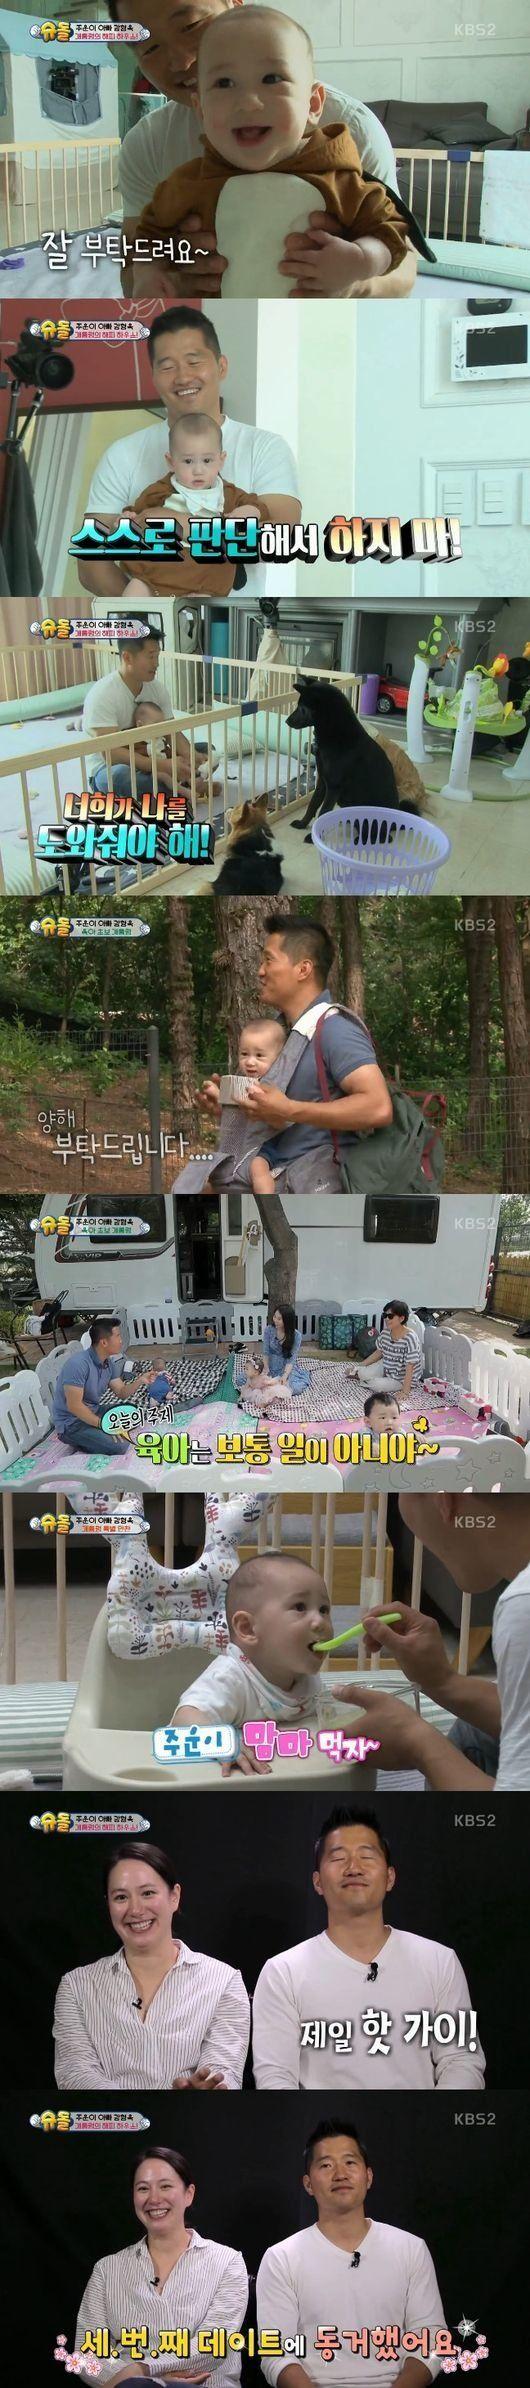 [어저께TV] '슈퍼맨' 강형욱, 개통령도 육아는 어렵다